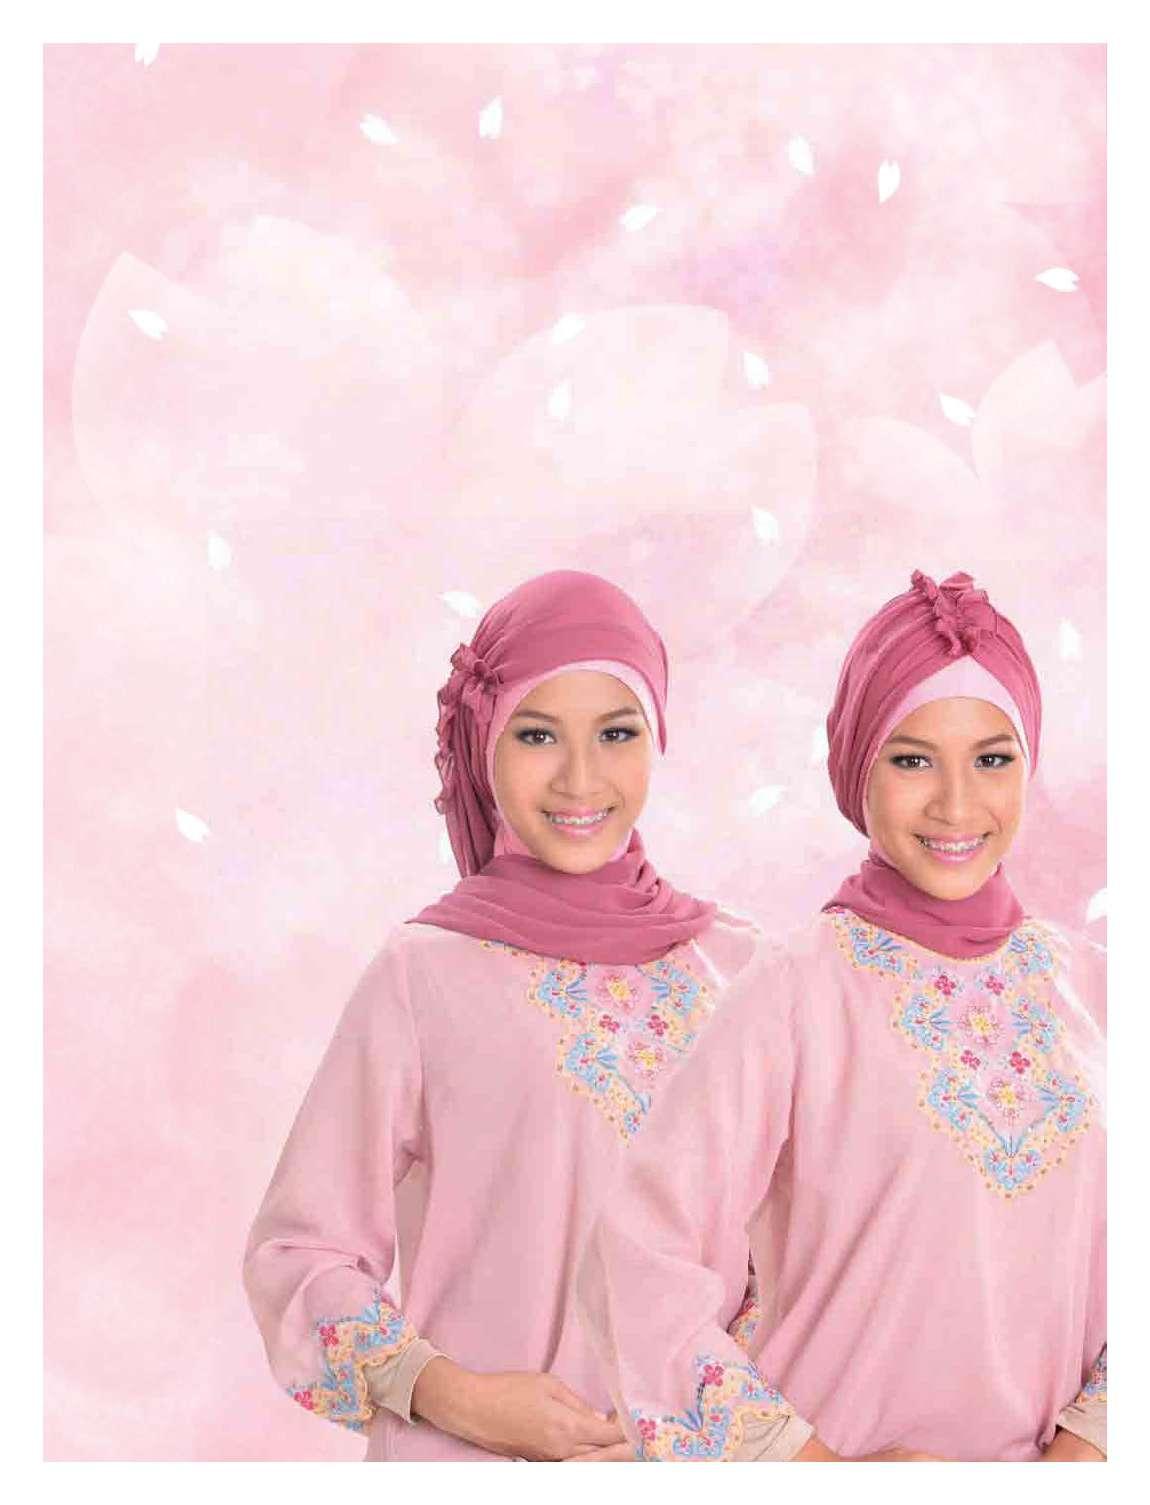 Jual Buku 28 Set Tutorial Jilbab 2 In 1 oleh Dian Ronawati